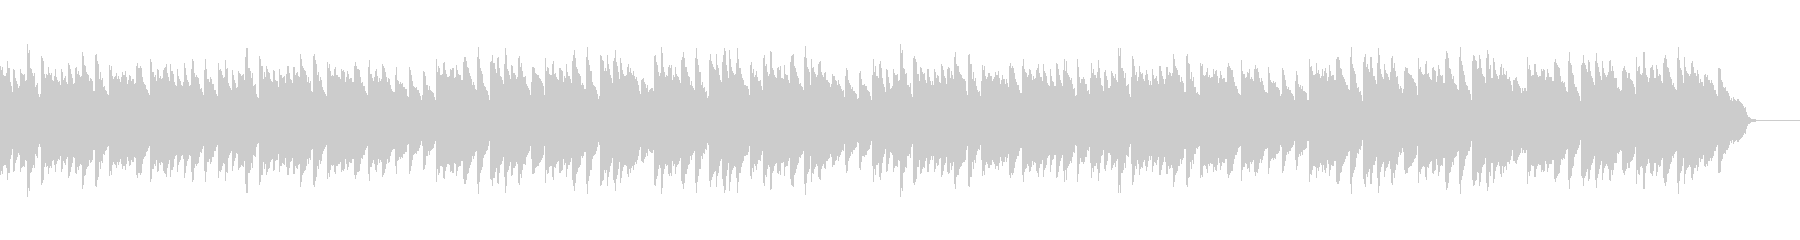 アコースティックセンチメンタル(ピアノ)の未再生の波形